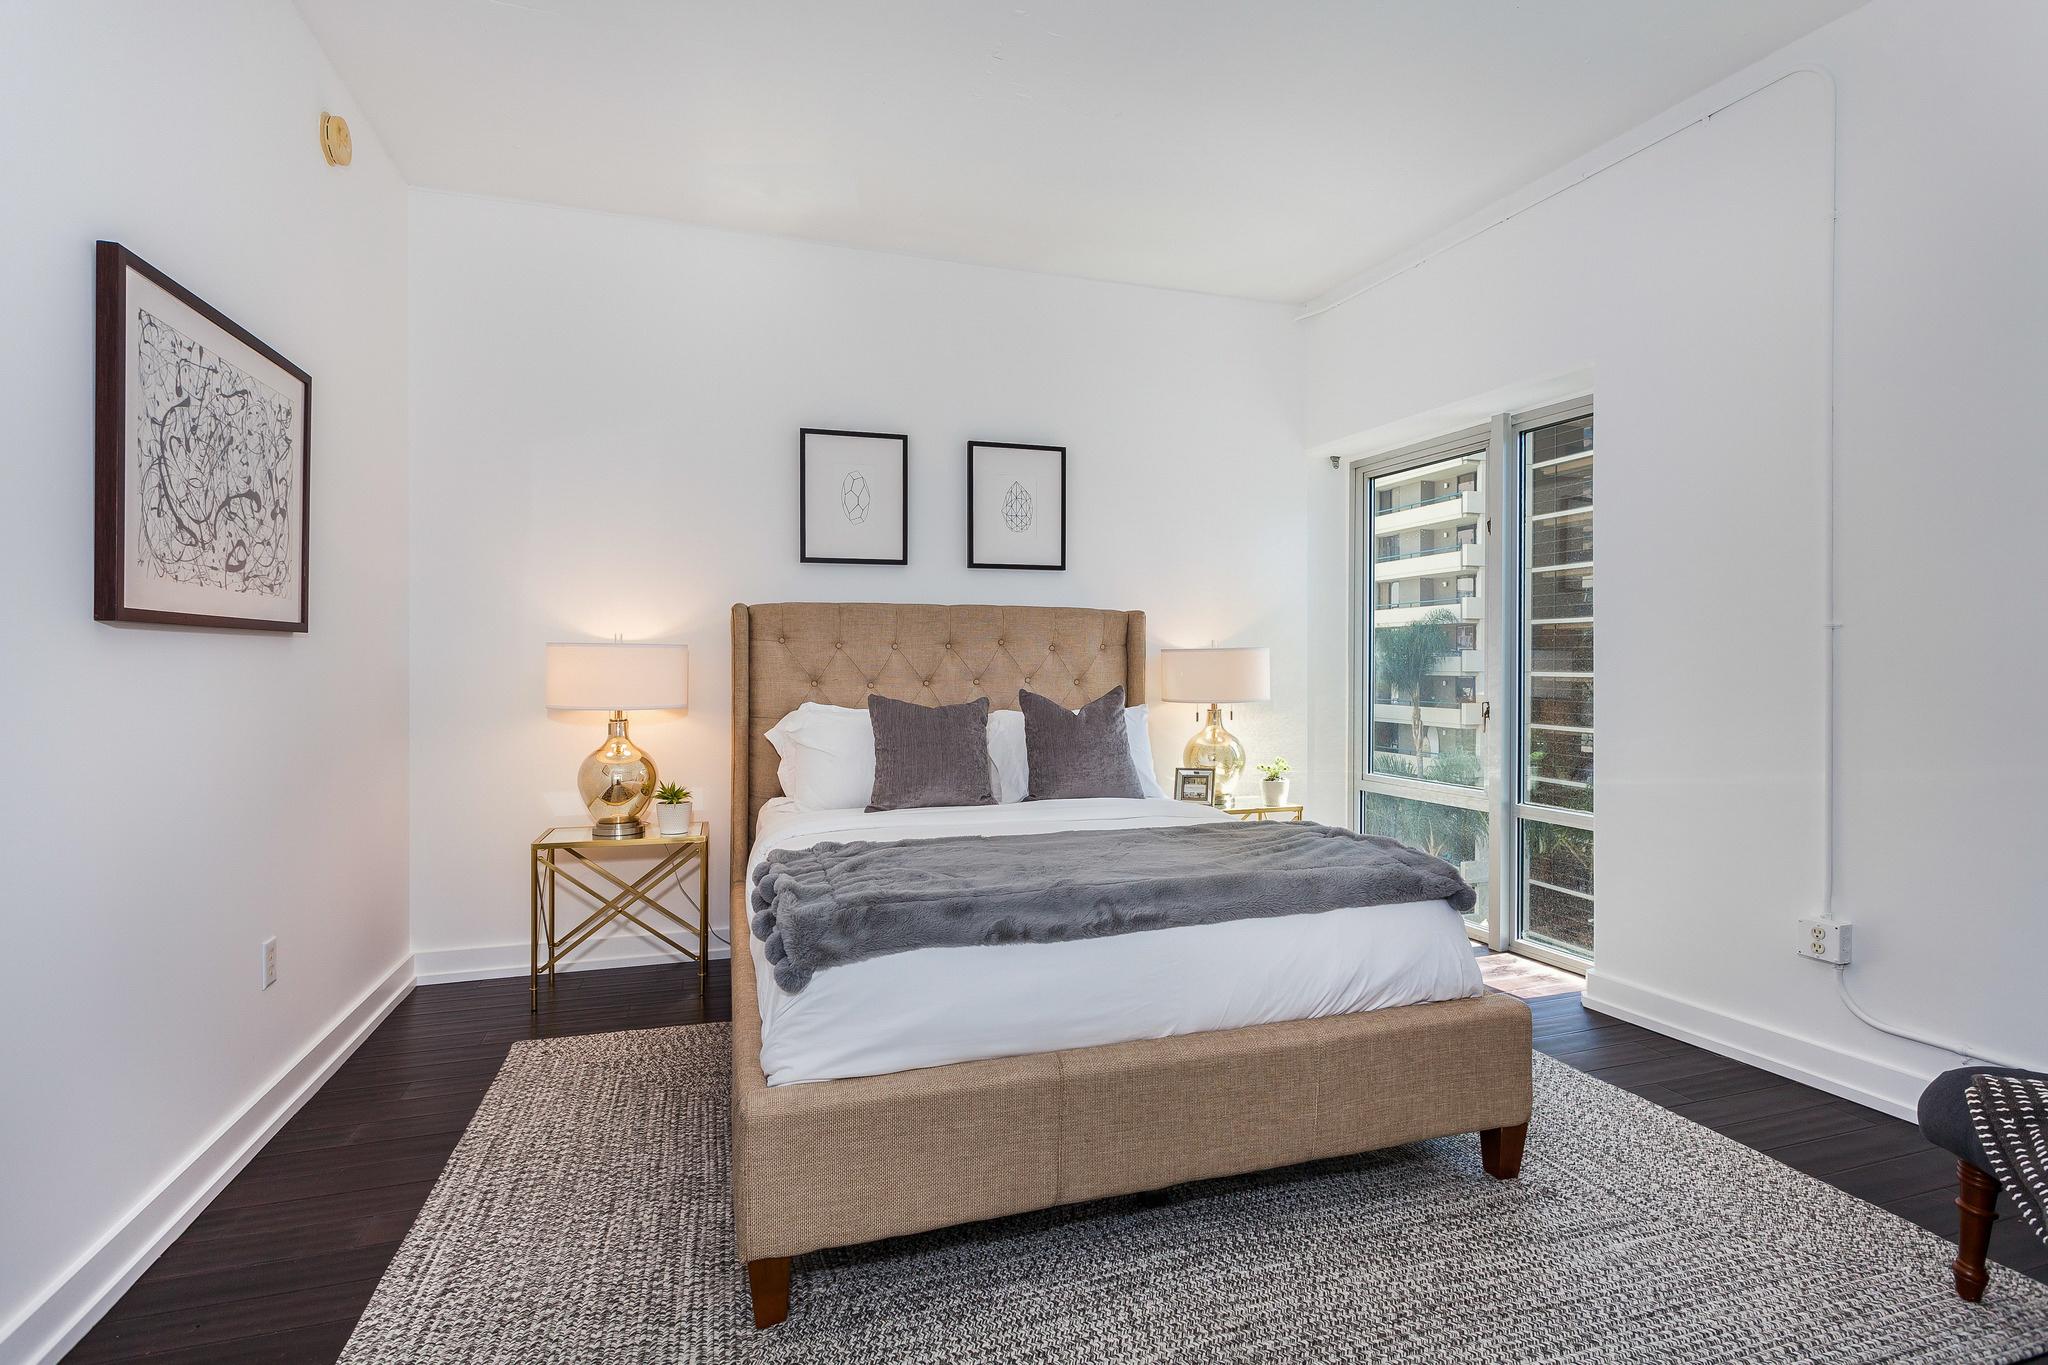 view of first bedroom from doorway